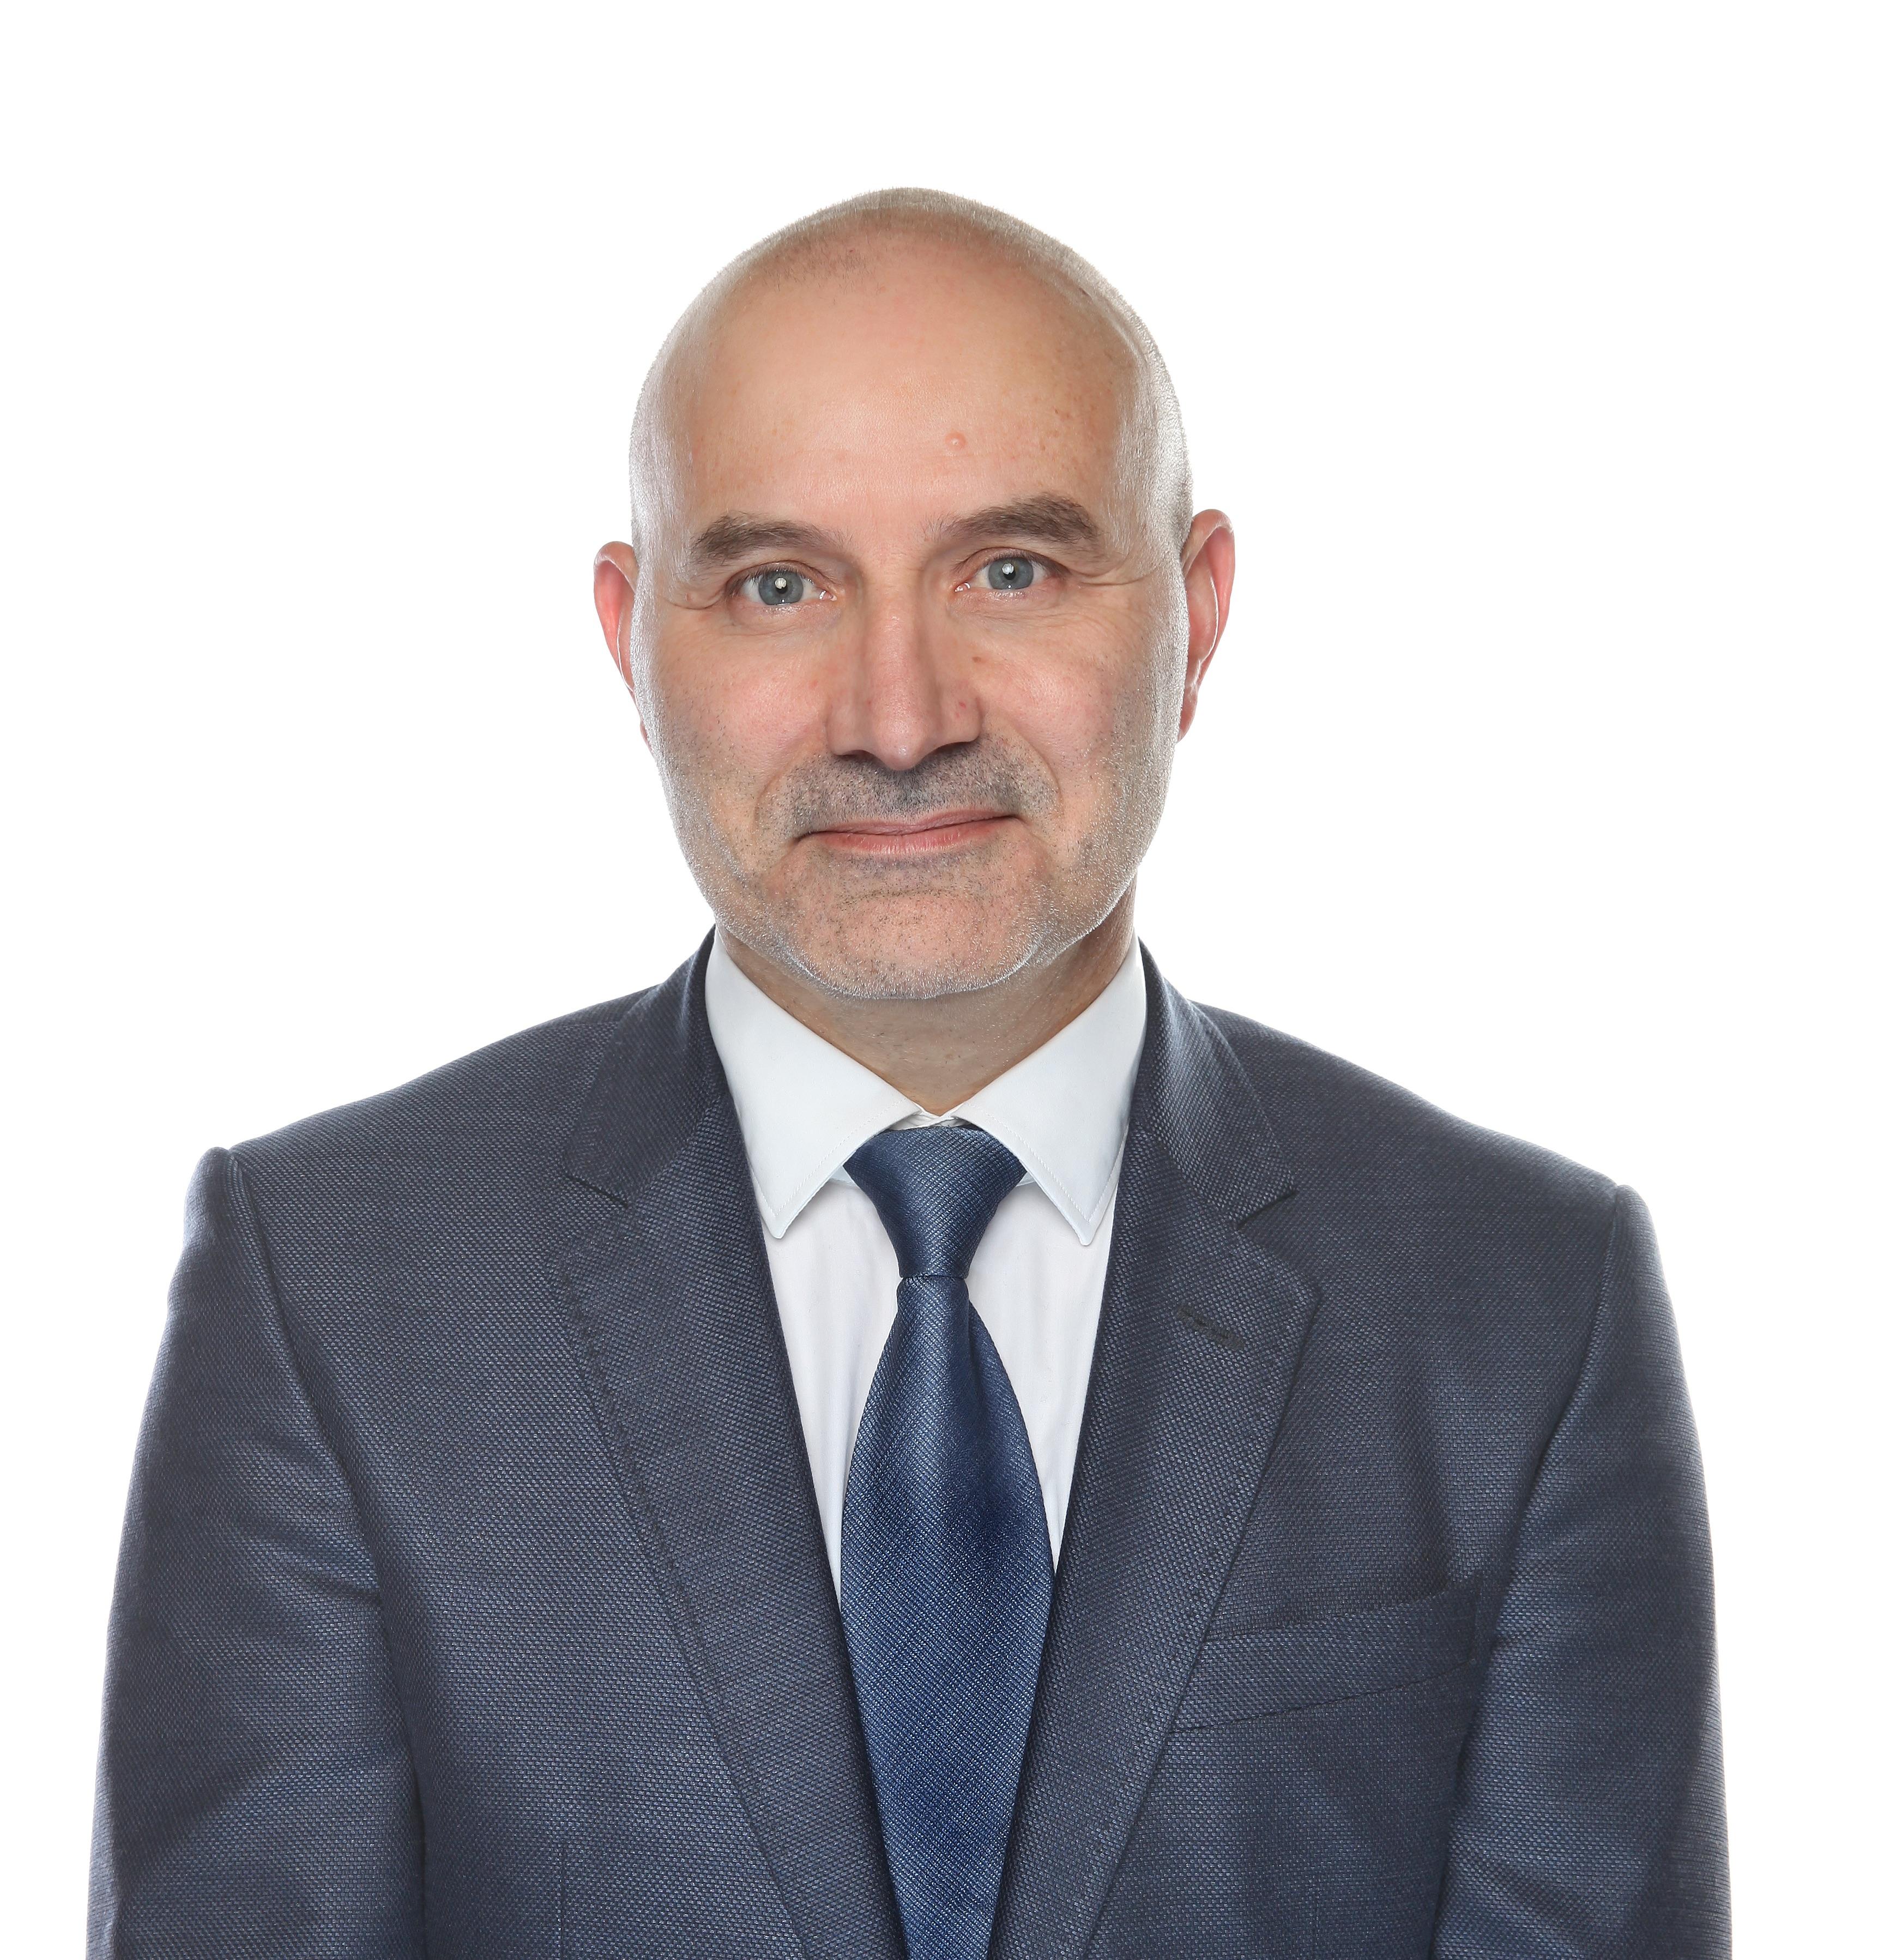 PSD apresenta candidato às Autárquicas em conferência de imprensa